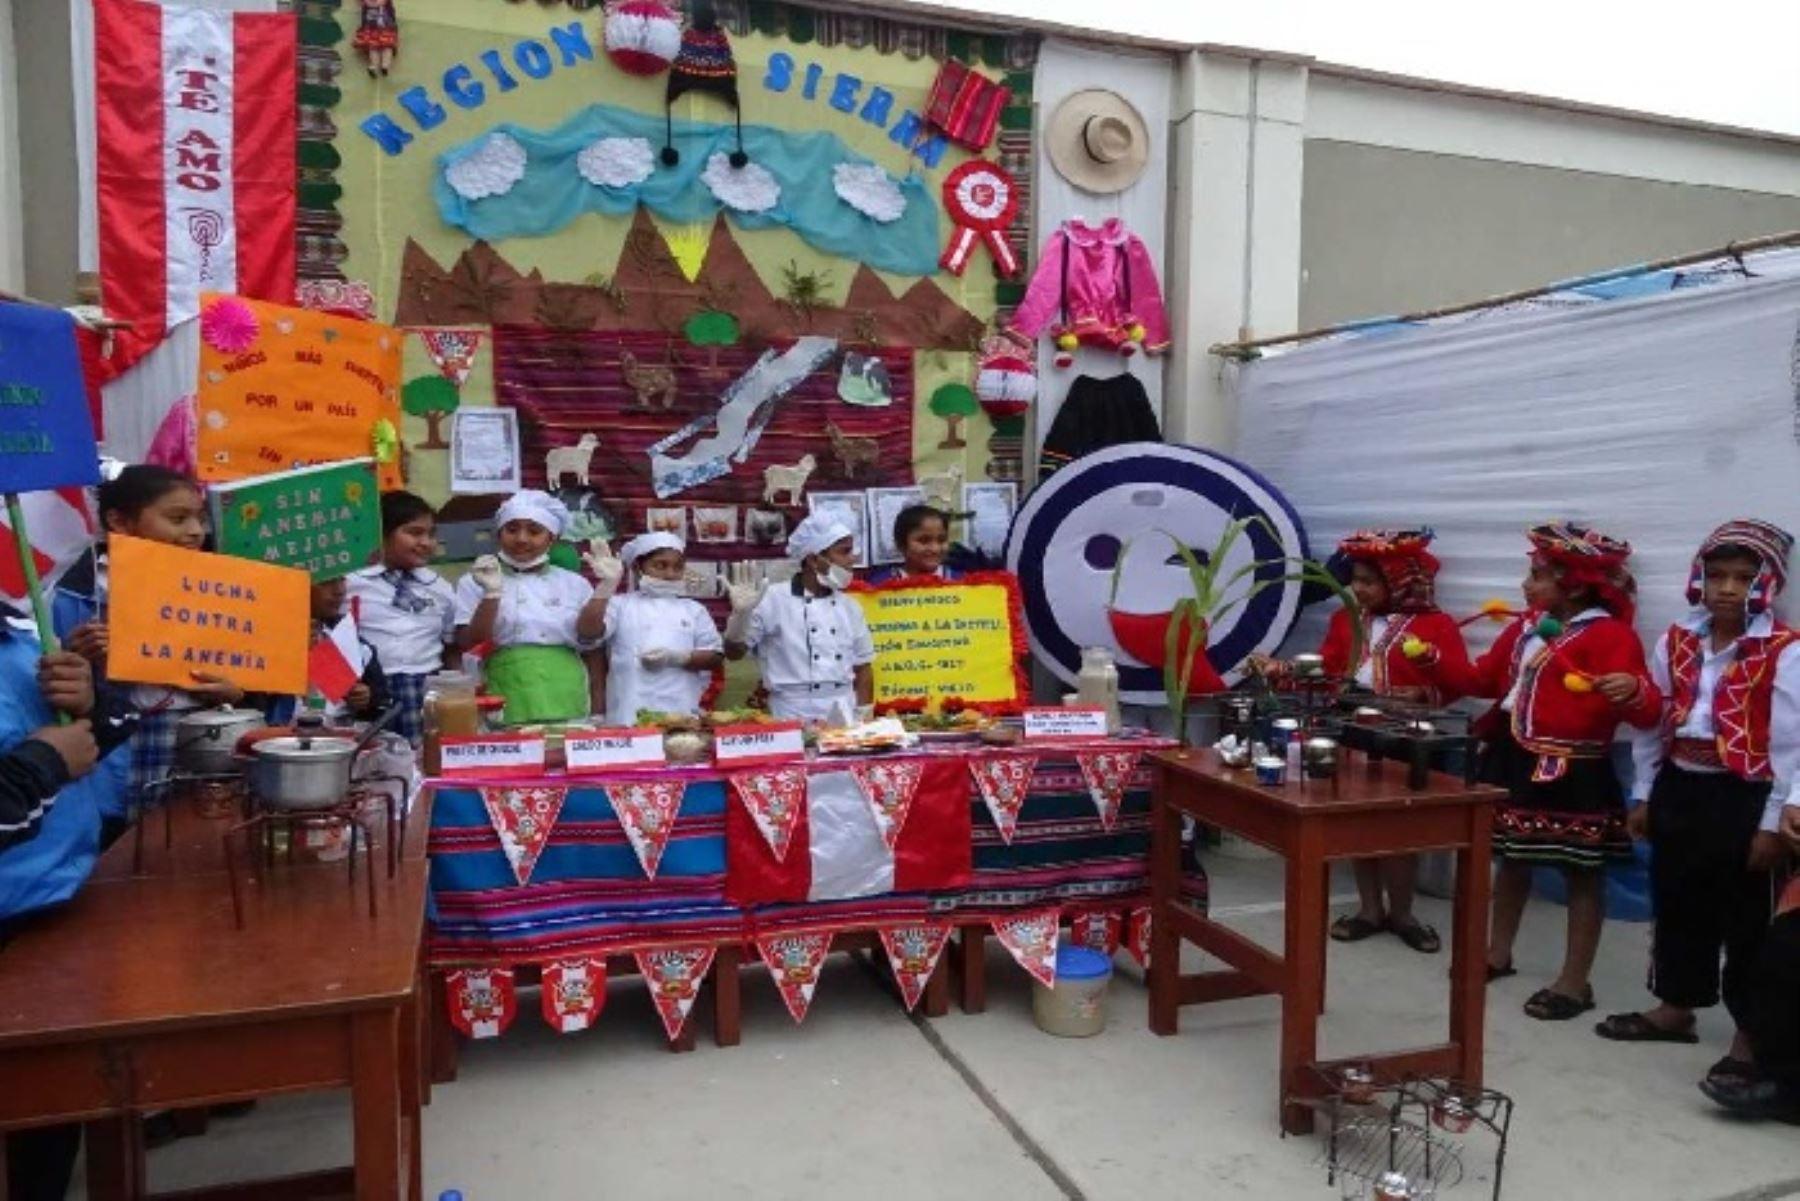 Escolares del centro poblado Túcume Viejo, en la región Lambayeque, expusieron en una feria gastronómica por el aniversario patrio, platos nutritivos que brinda el Ministerio de Desarrollo e Inclusión Social (Midis), a través del Programa Nacional de Alimentación Escolar Qali Warma.